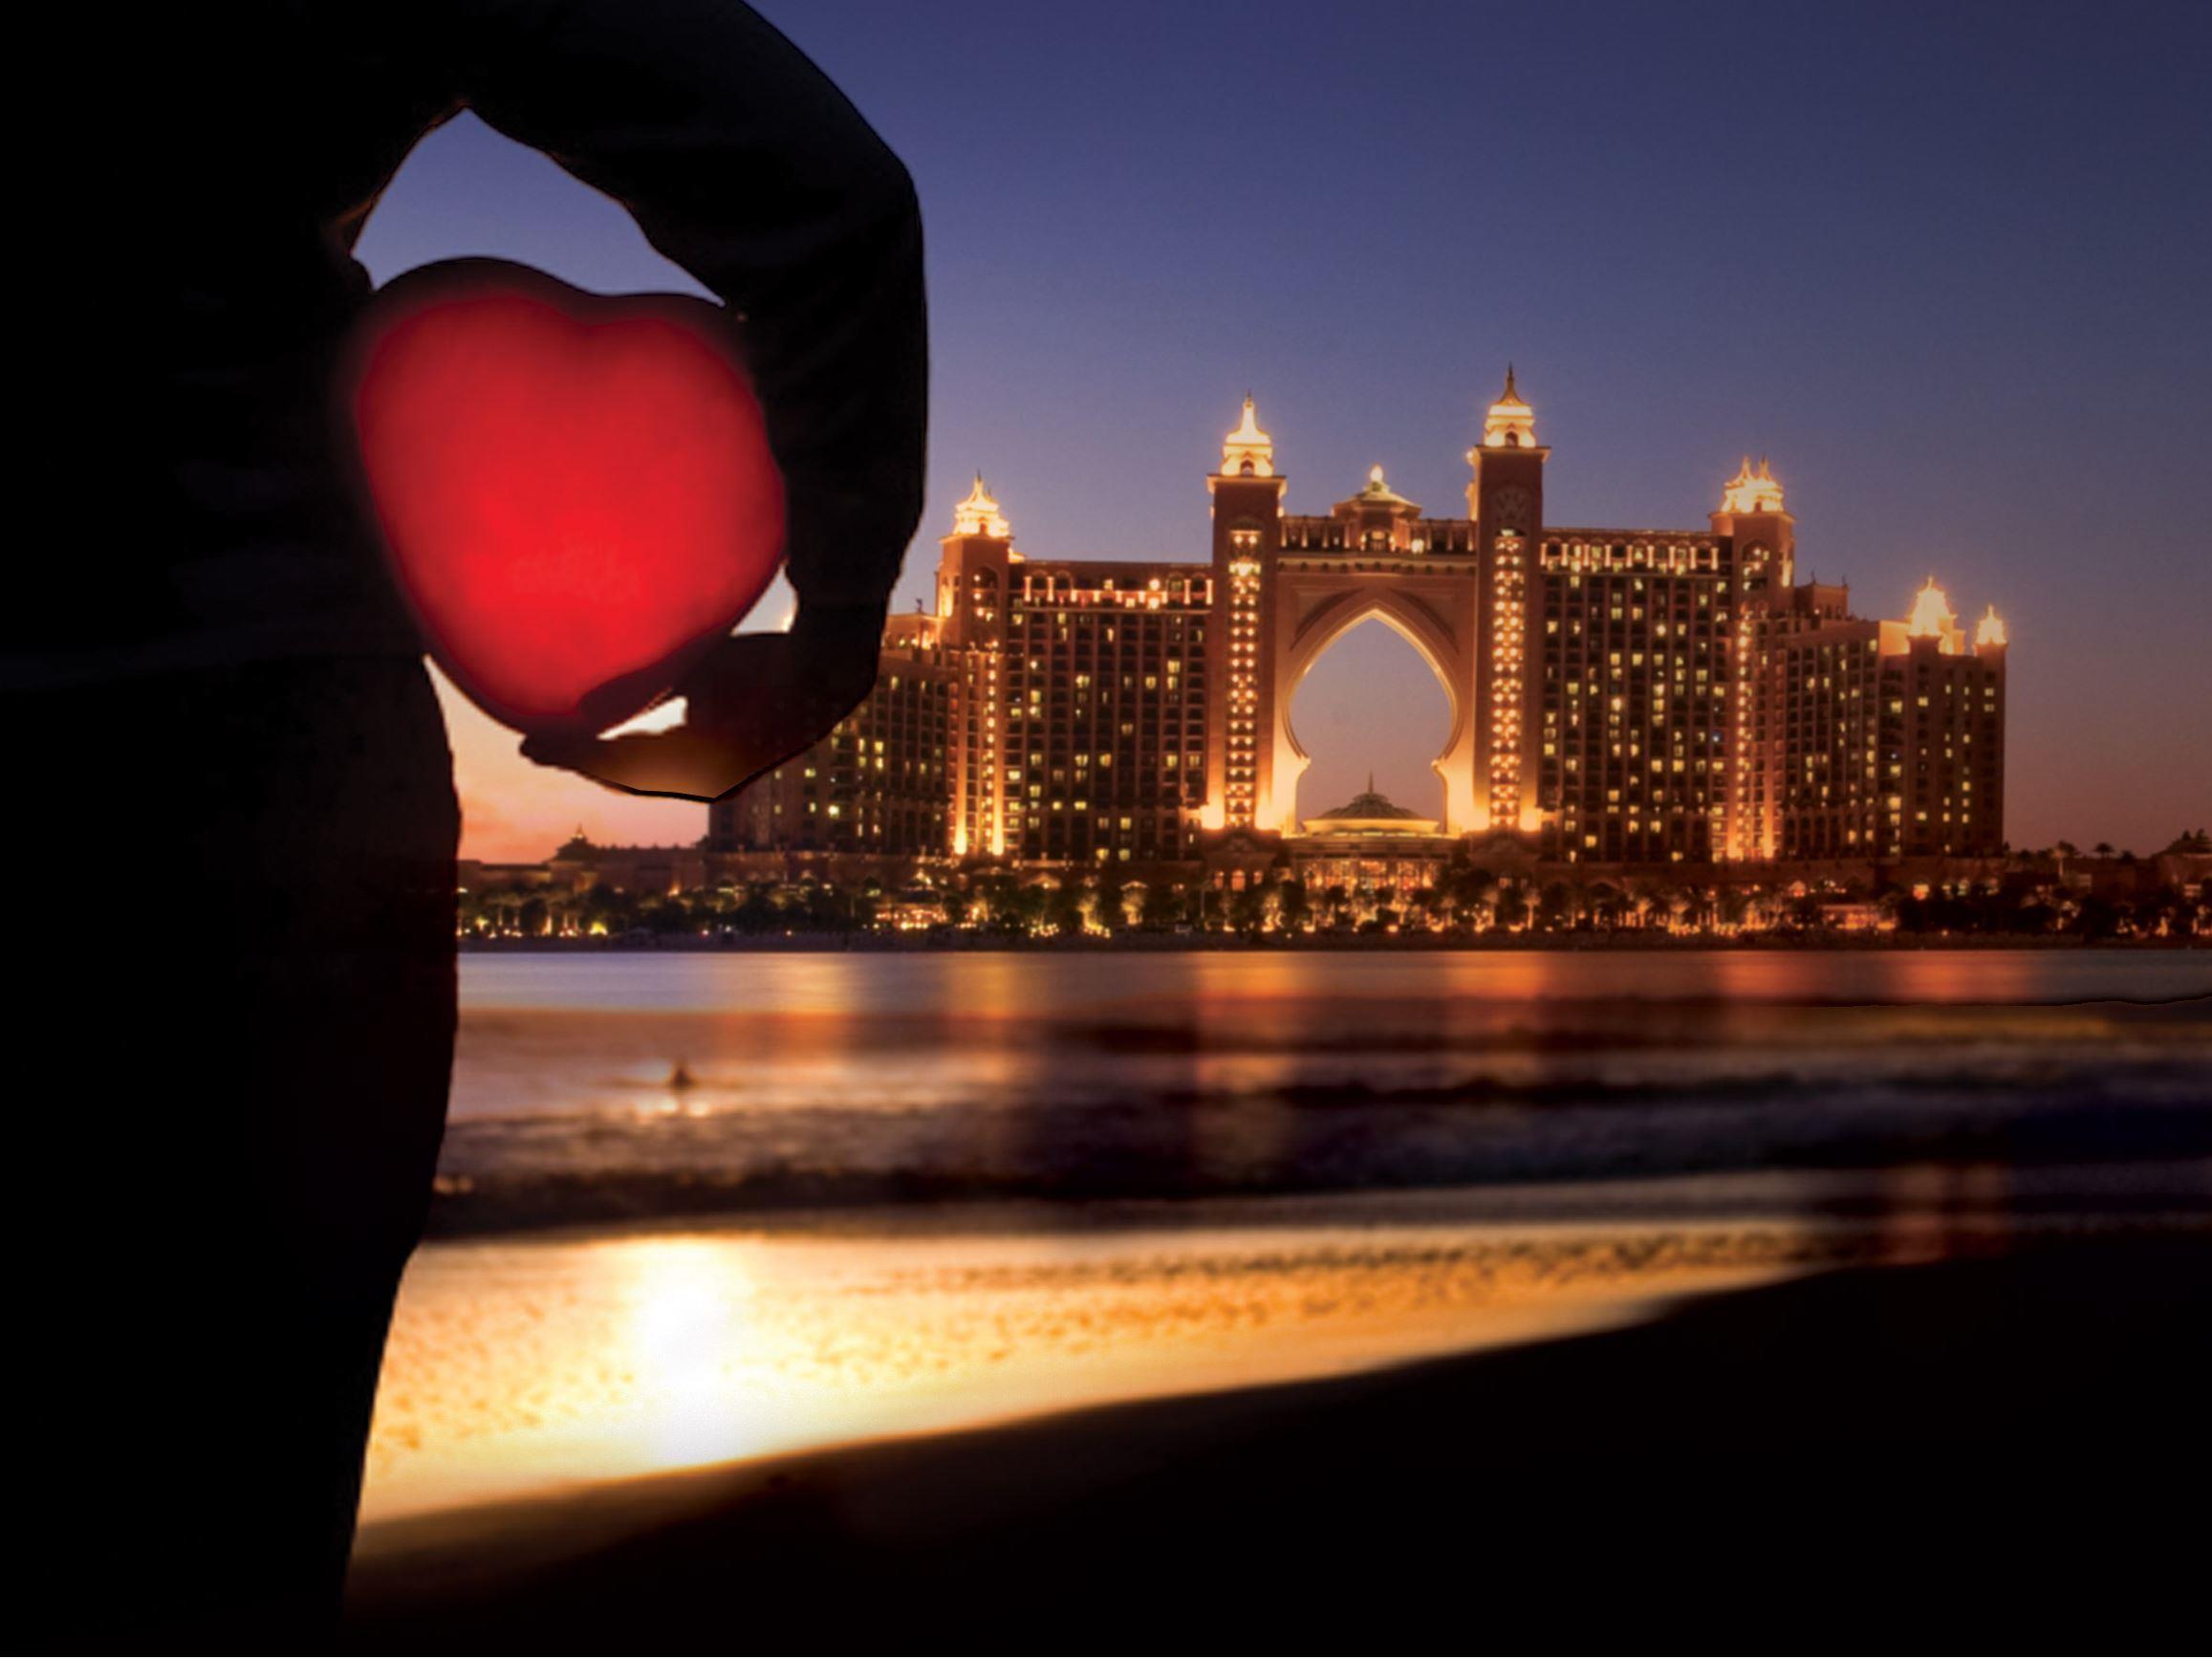 Dubai Turu 13 Şubat 2020 Perşembe Hareket (Sevgililer Günü Dönemi)